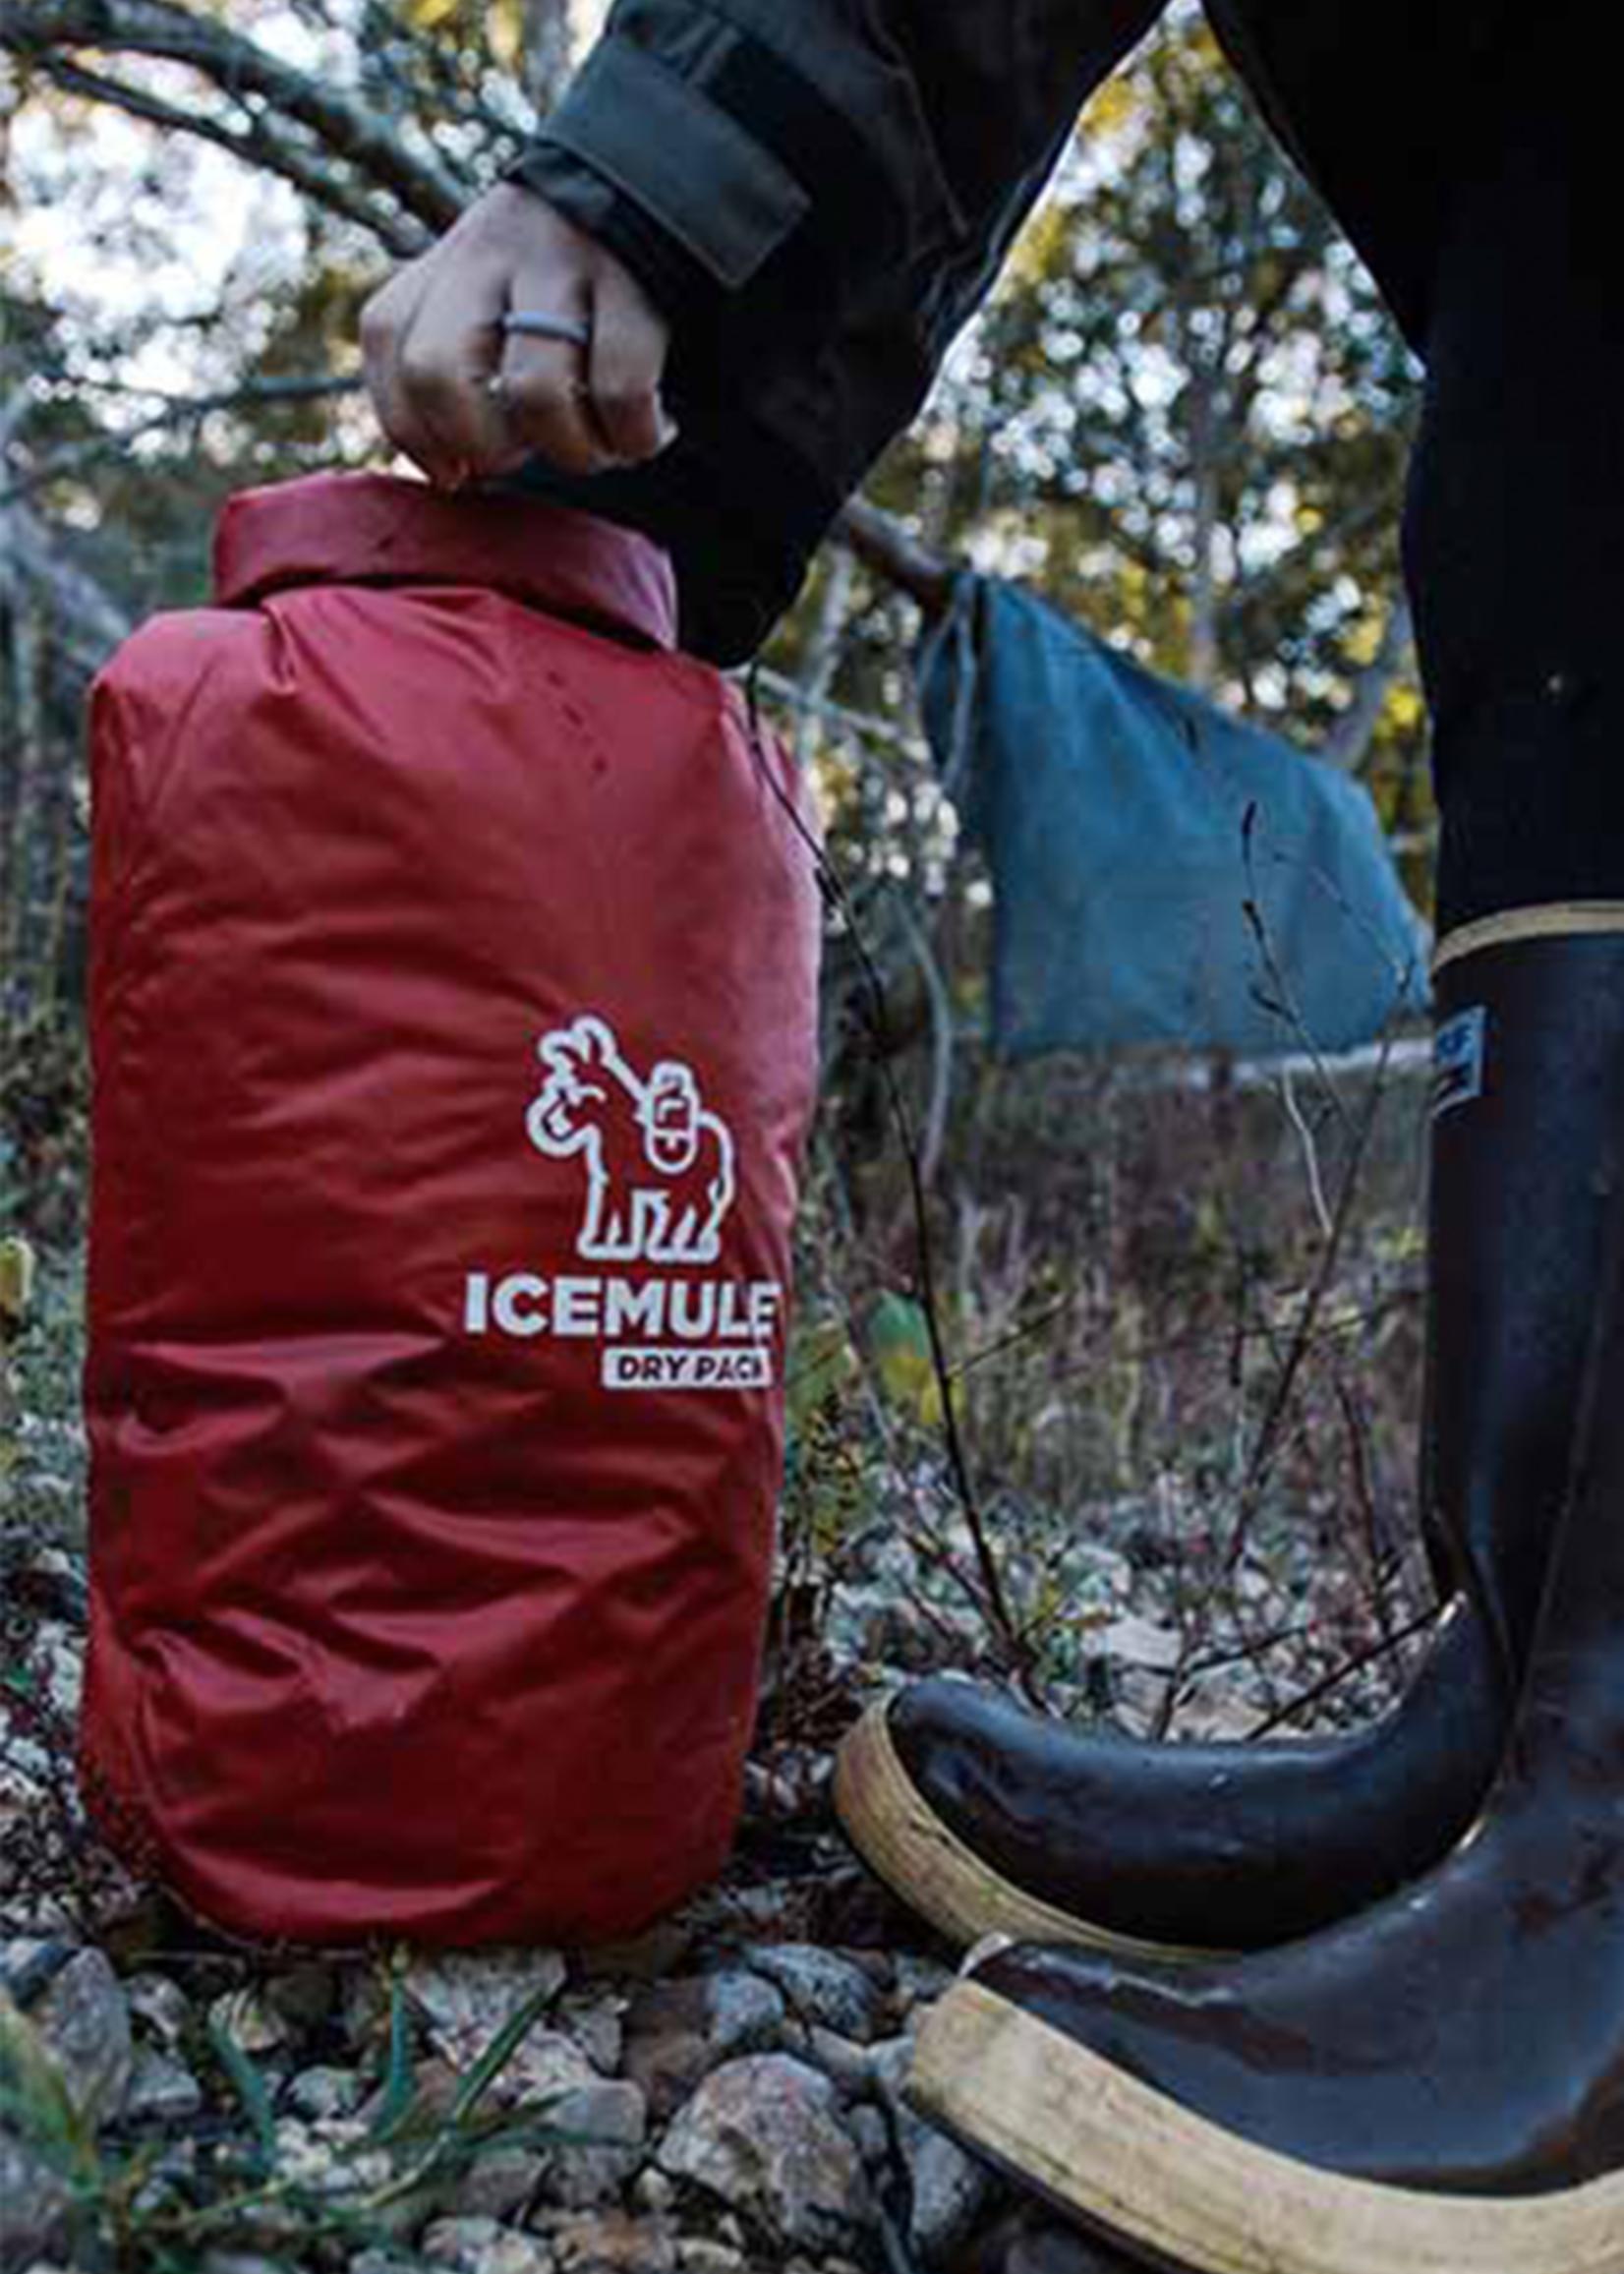 IceMule IceMule Dry Pack